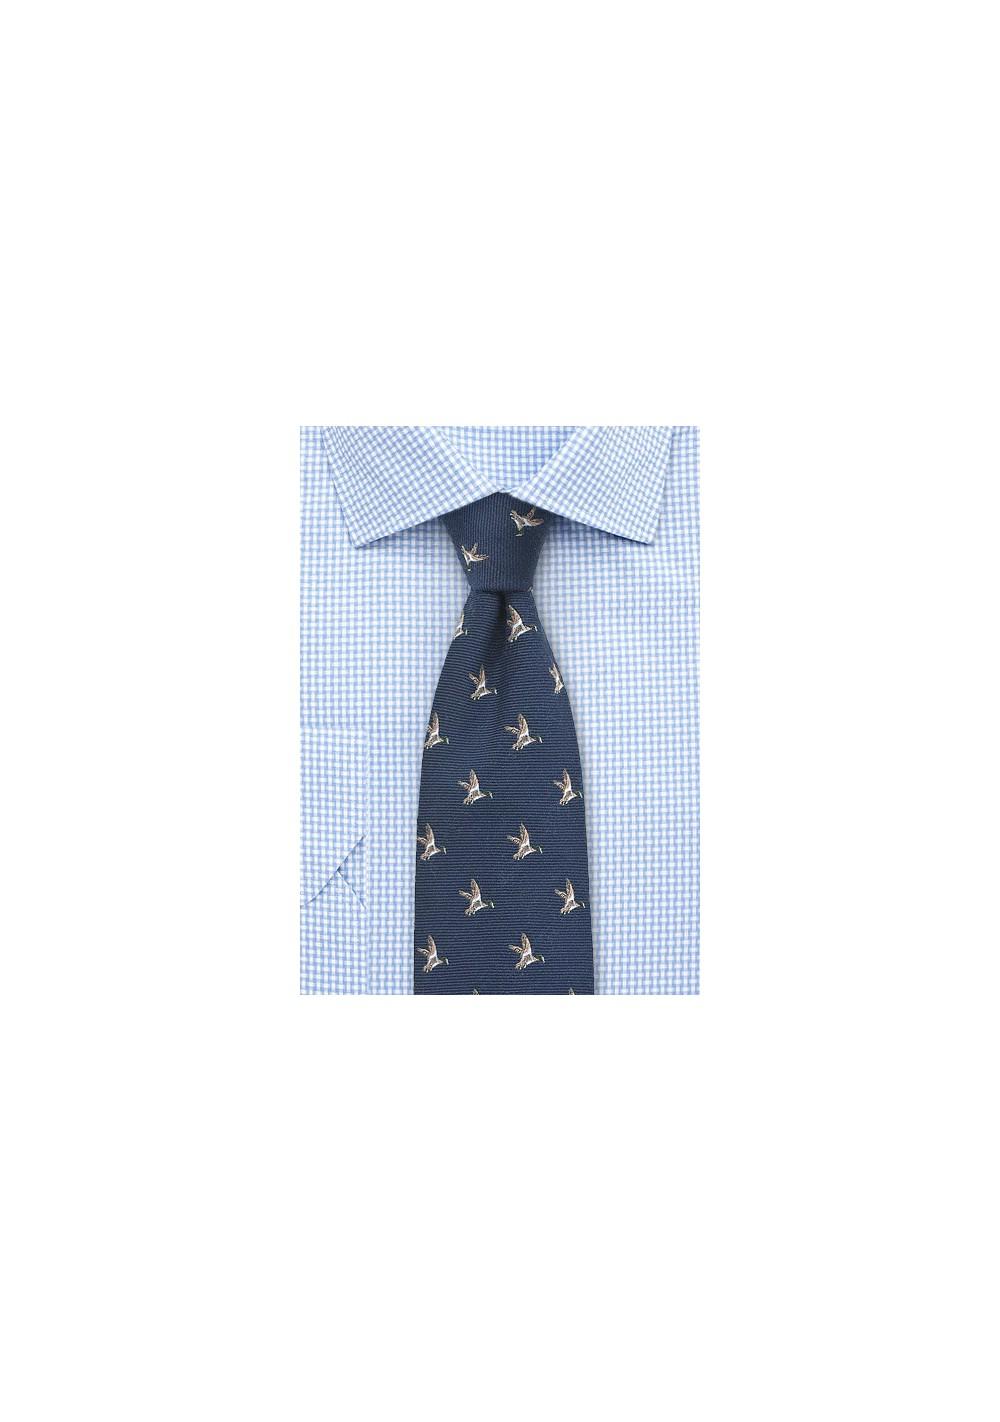 Flying Ducks Necktie in Dark Navy